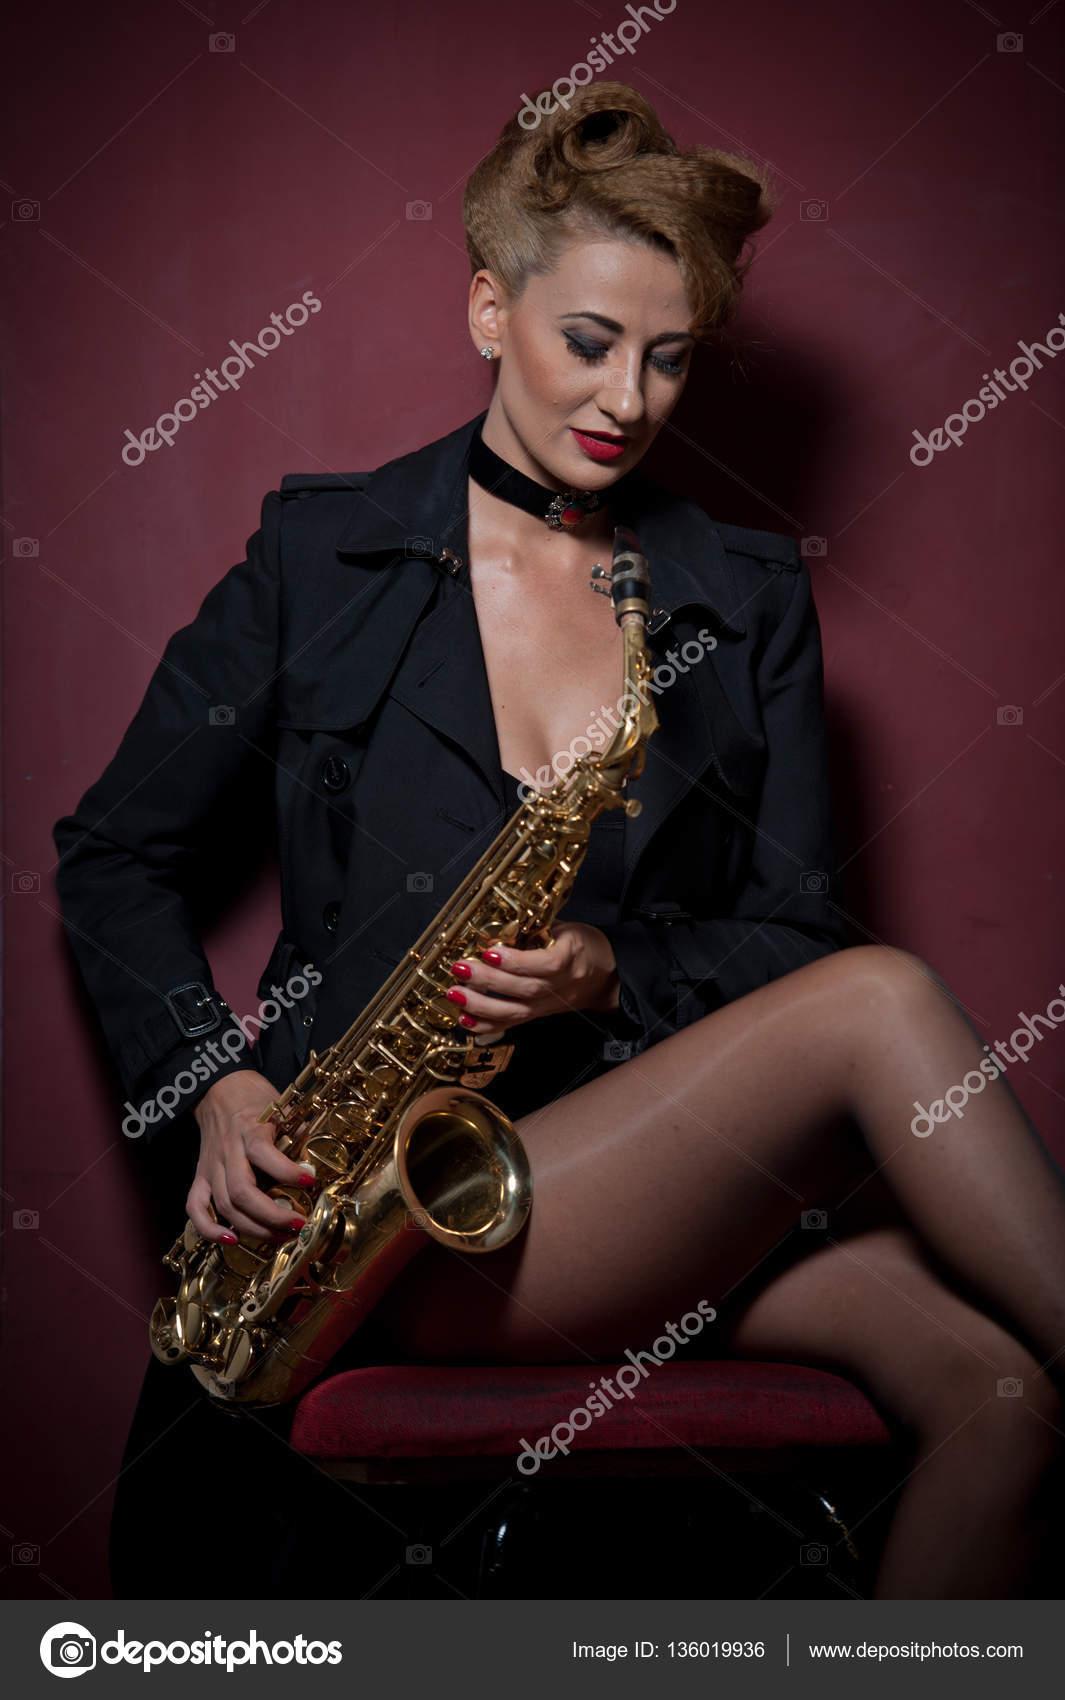 Сексуальные звуки саксофона